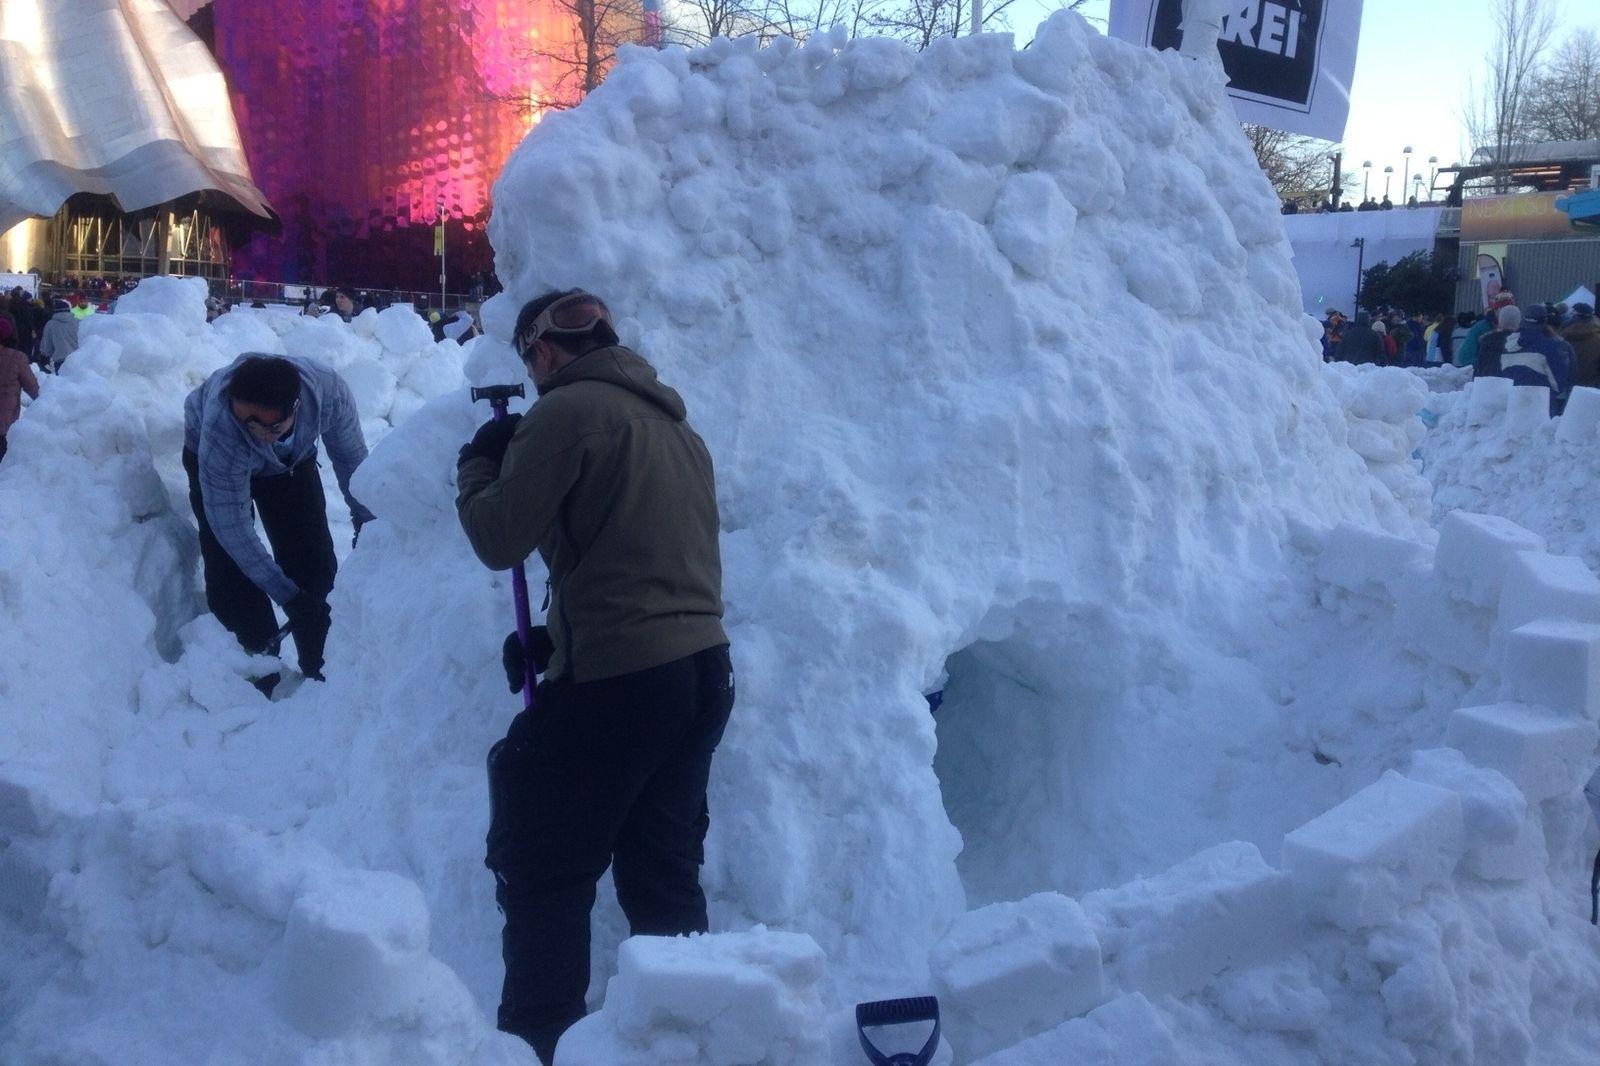 Rei snow castle yoixew